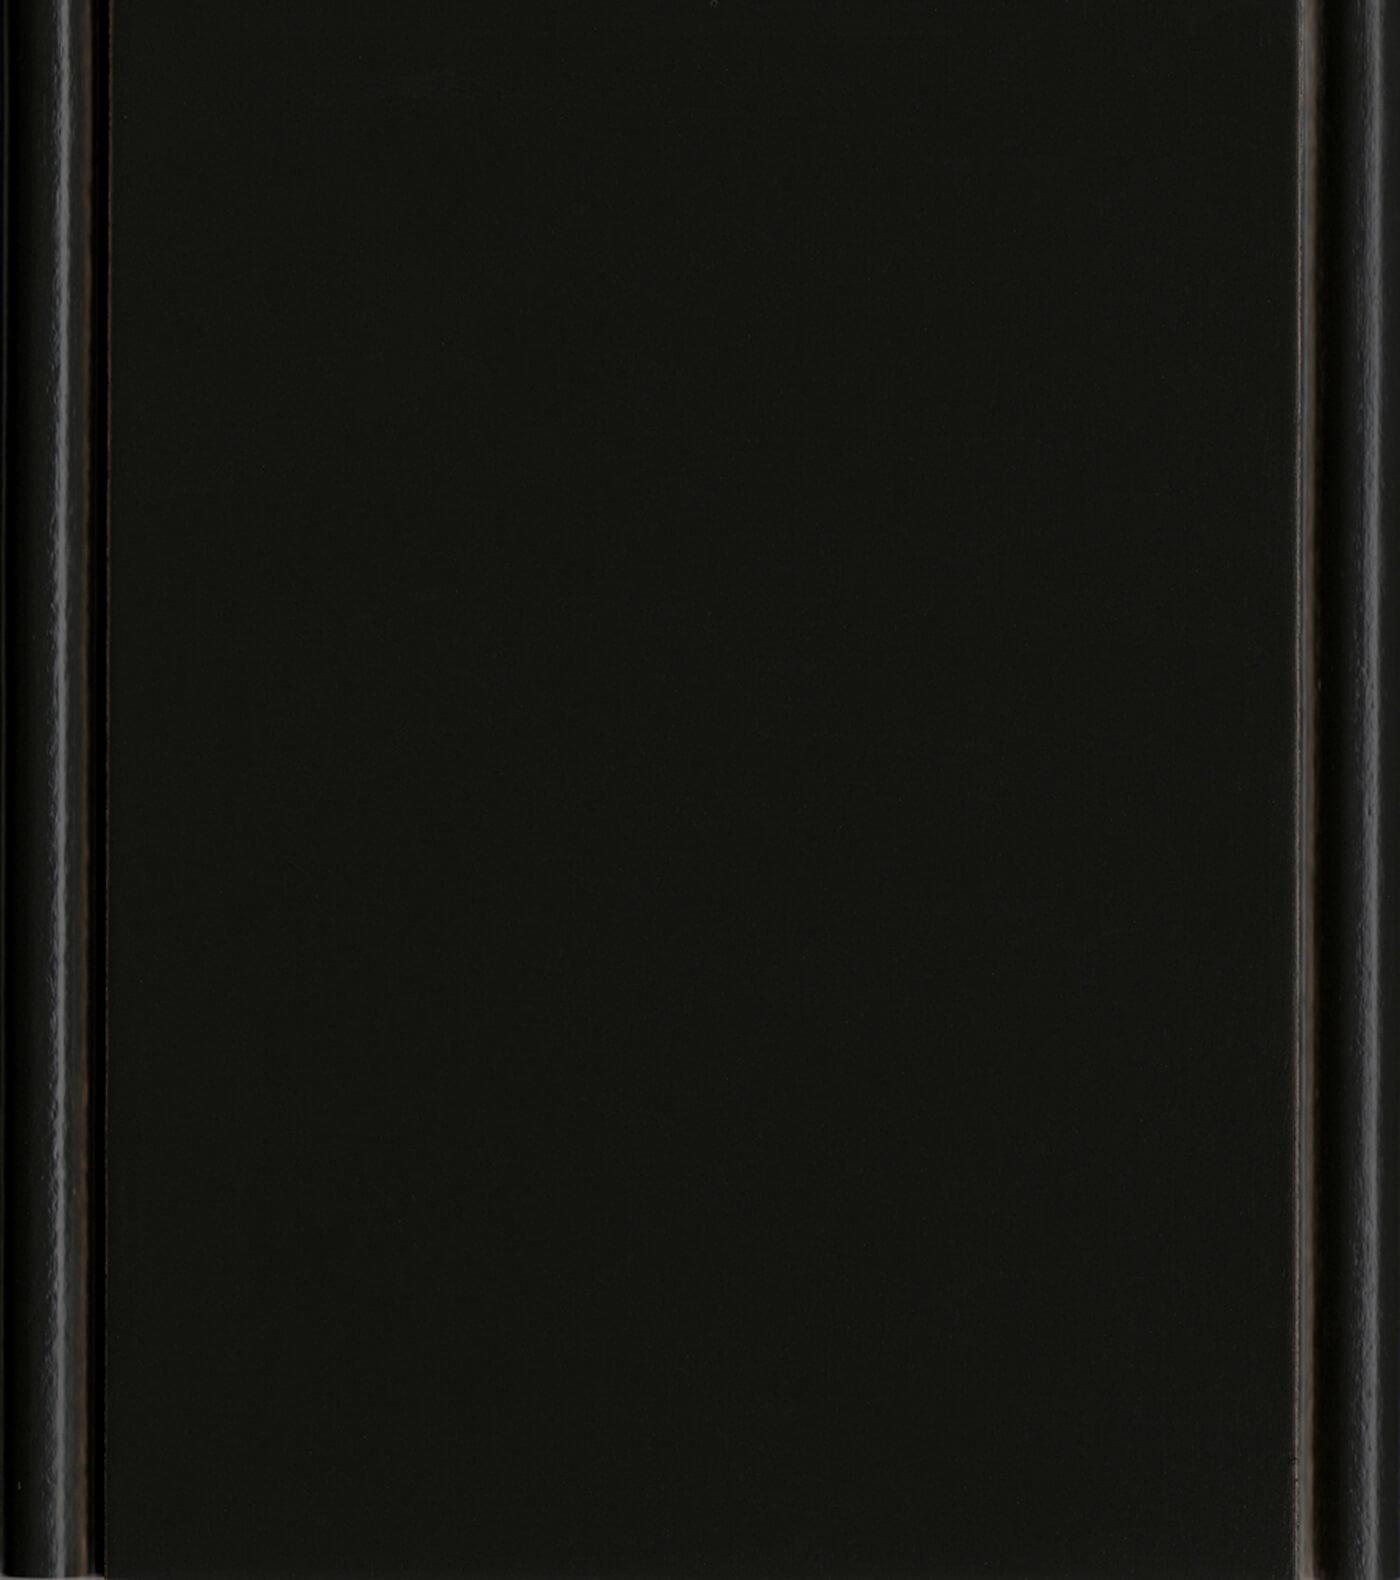 Black Paint on Paintable